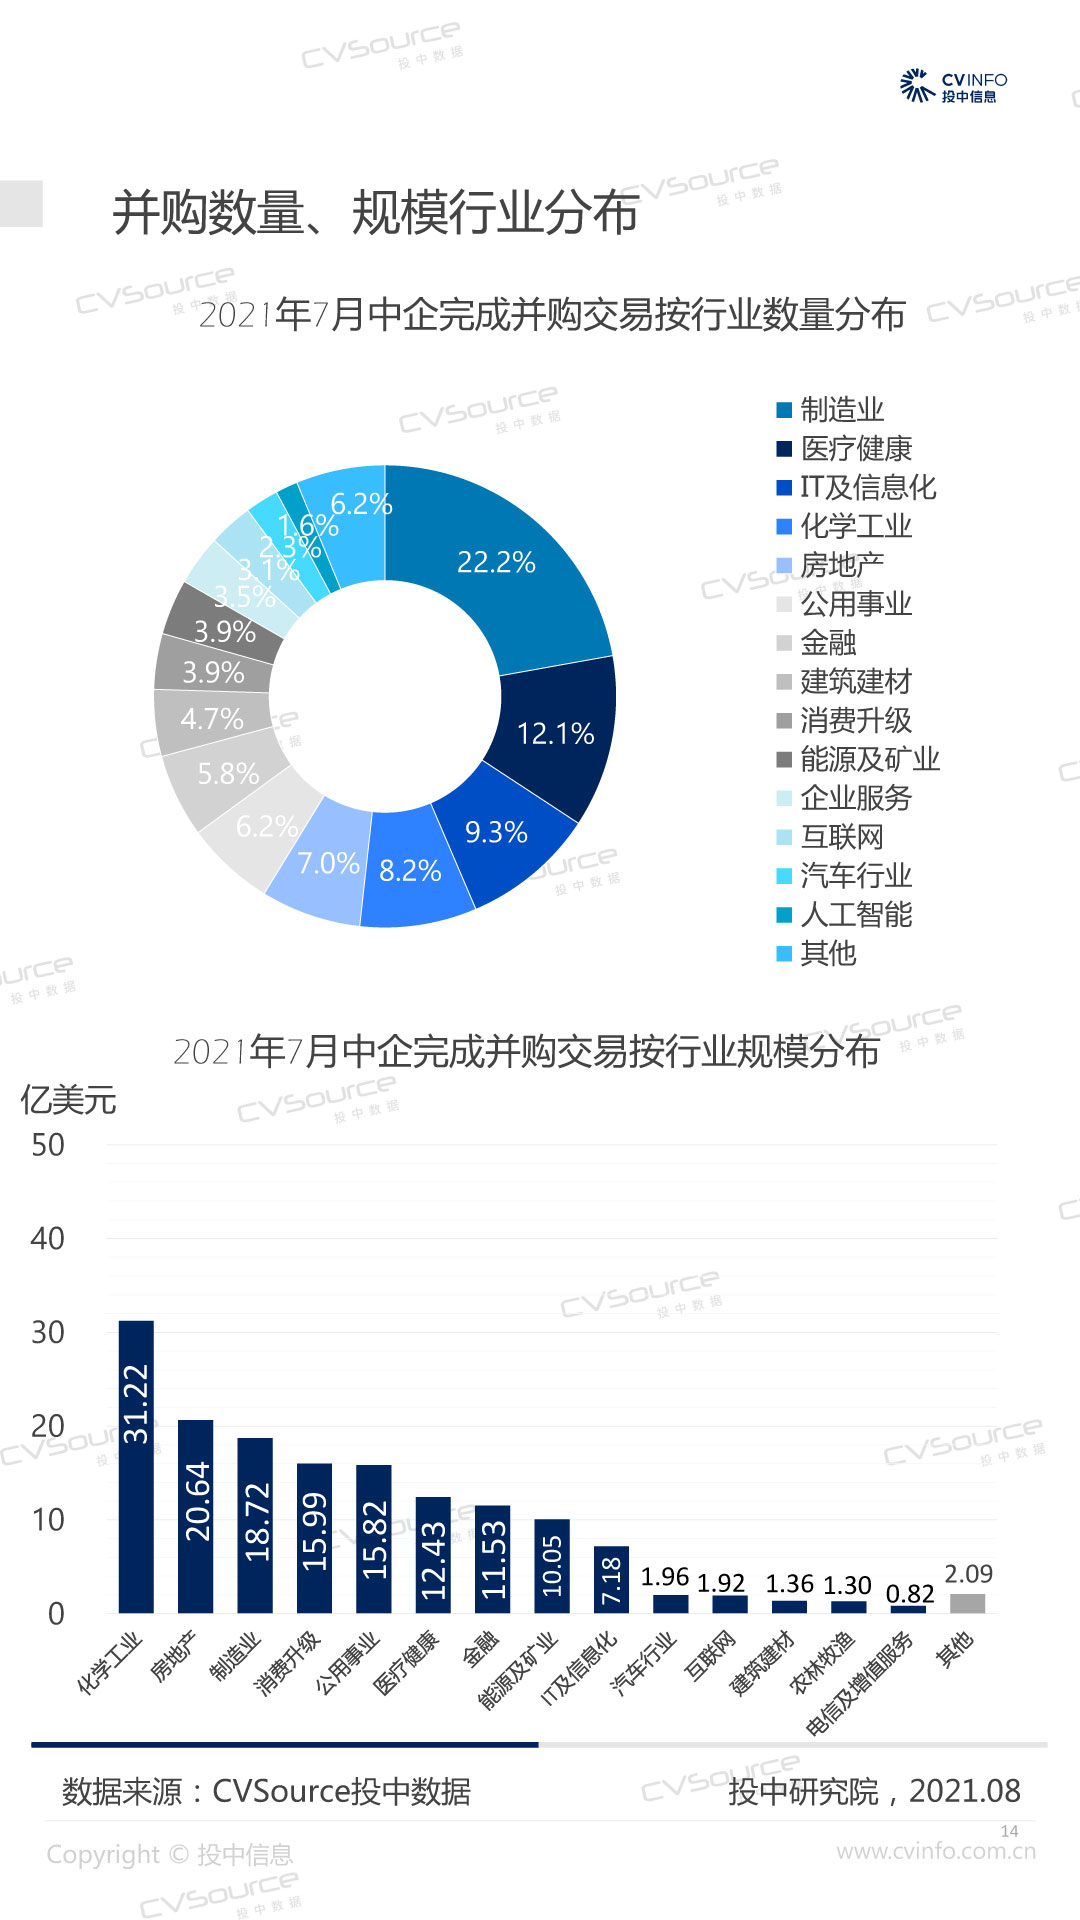 投中统计:7月两大化工央企百亿大动作,扬农化工易主-14.jpg